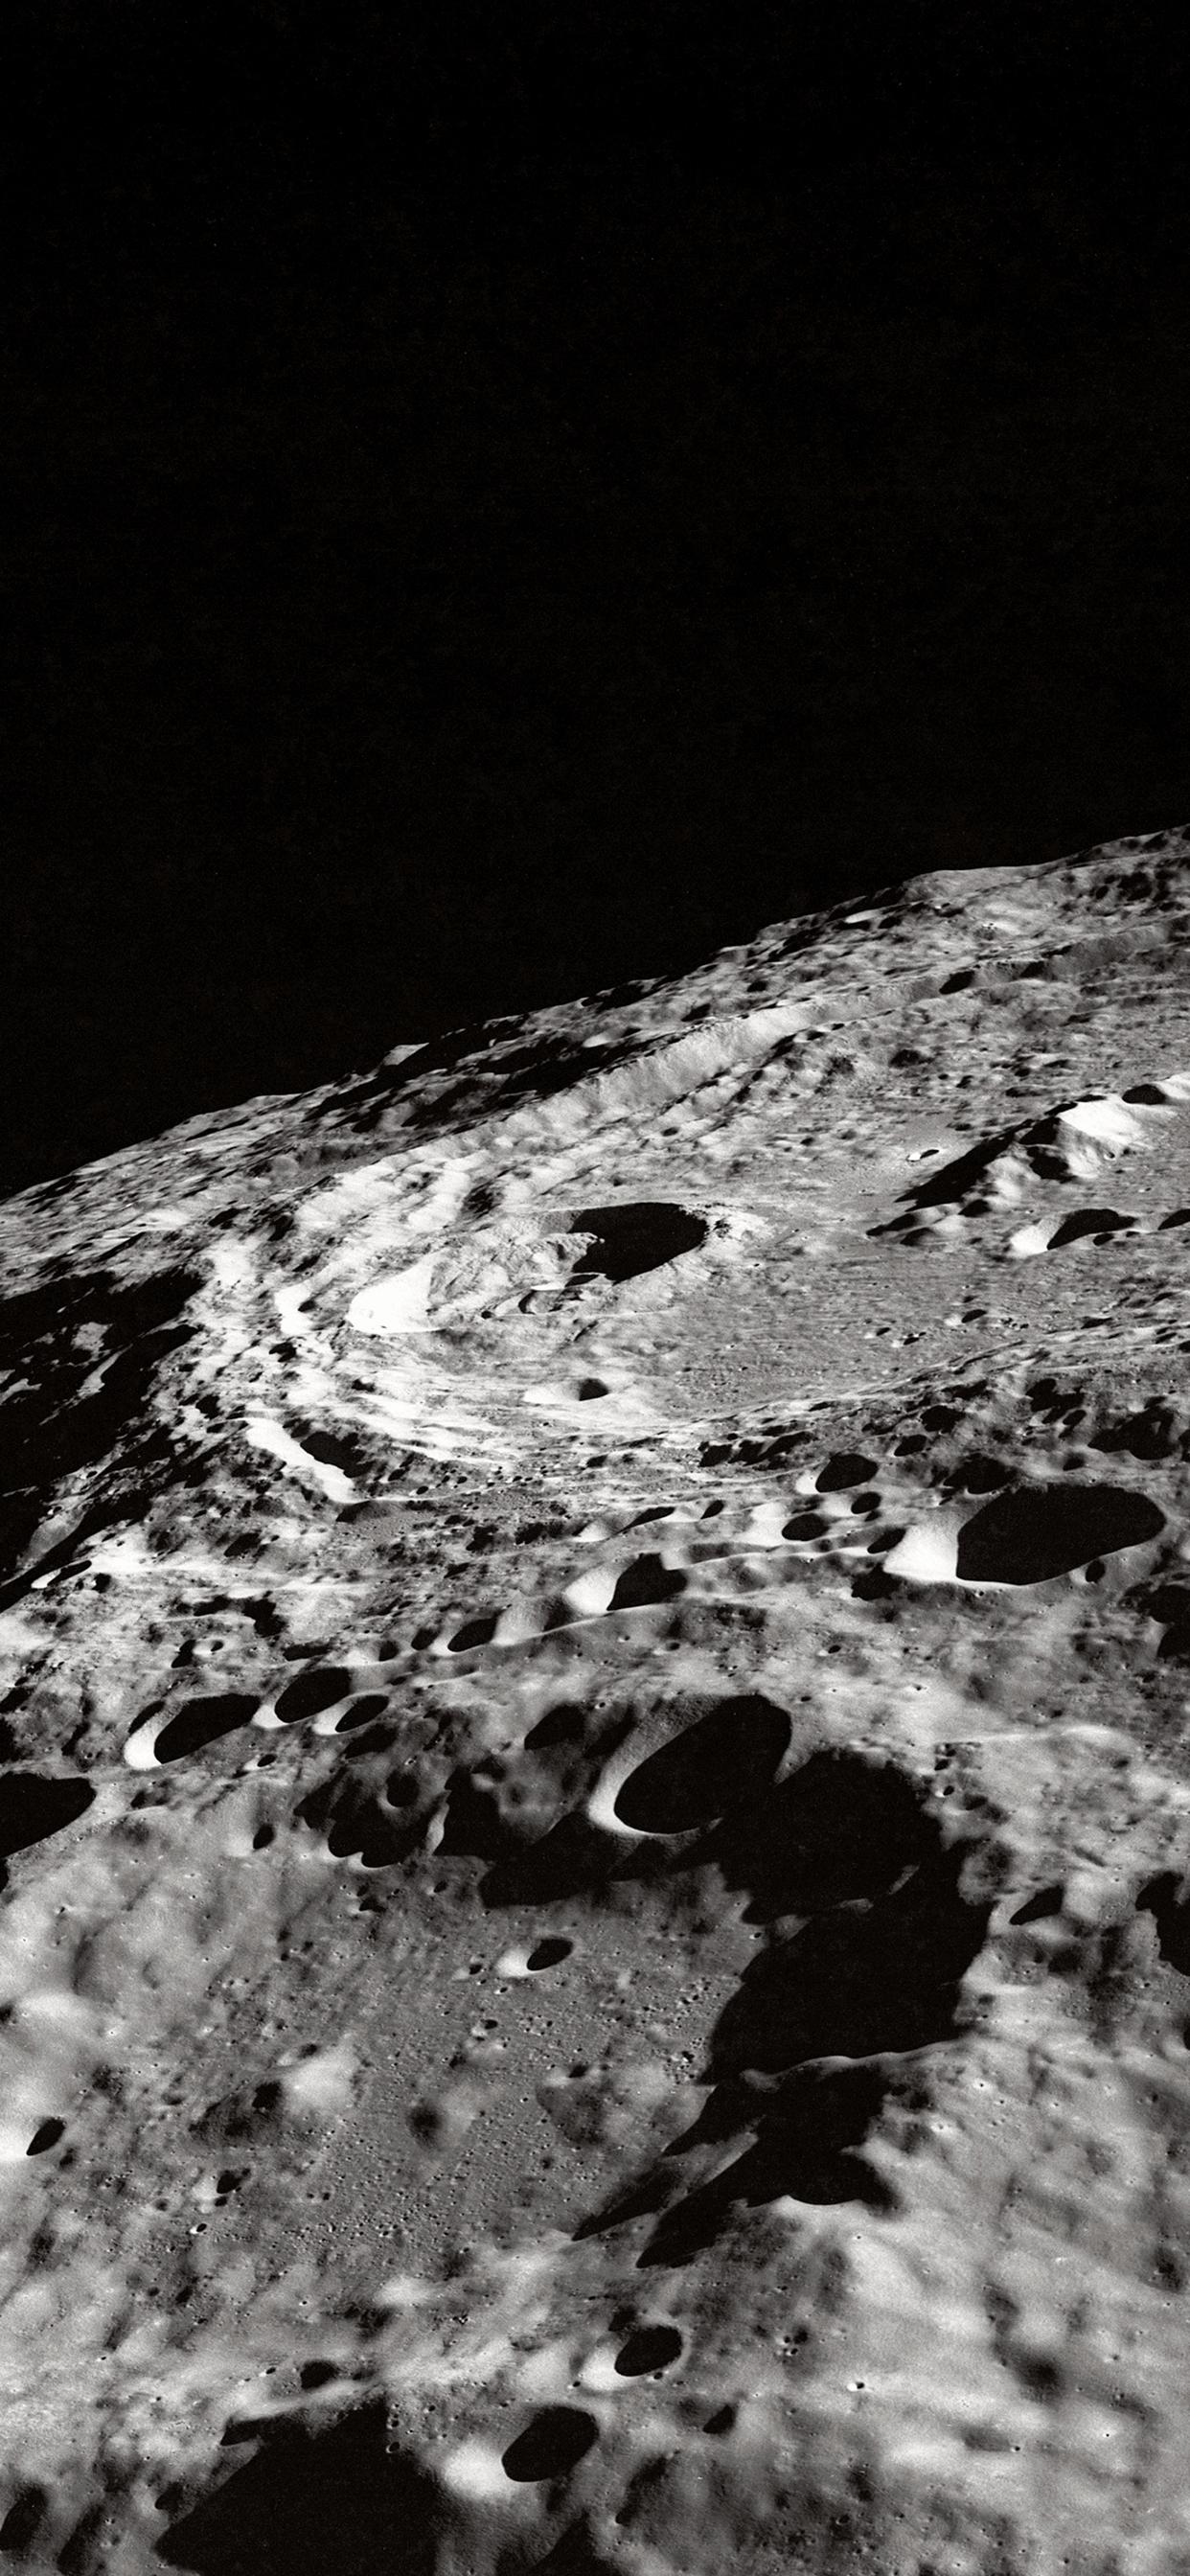 iPhone wallpaper moon crater Fonds d'écran iPhone du 12/11/2018